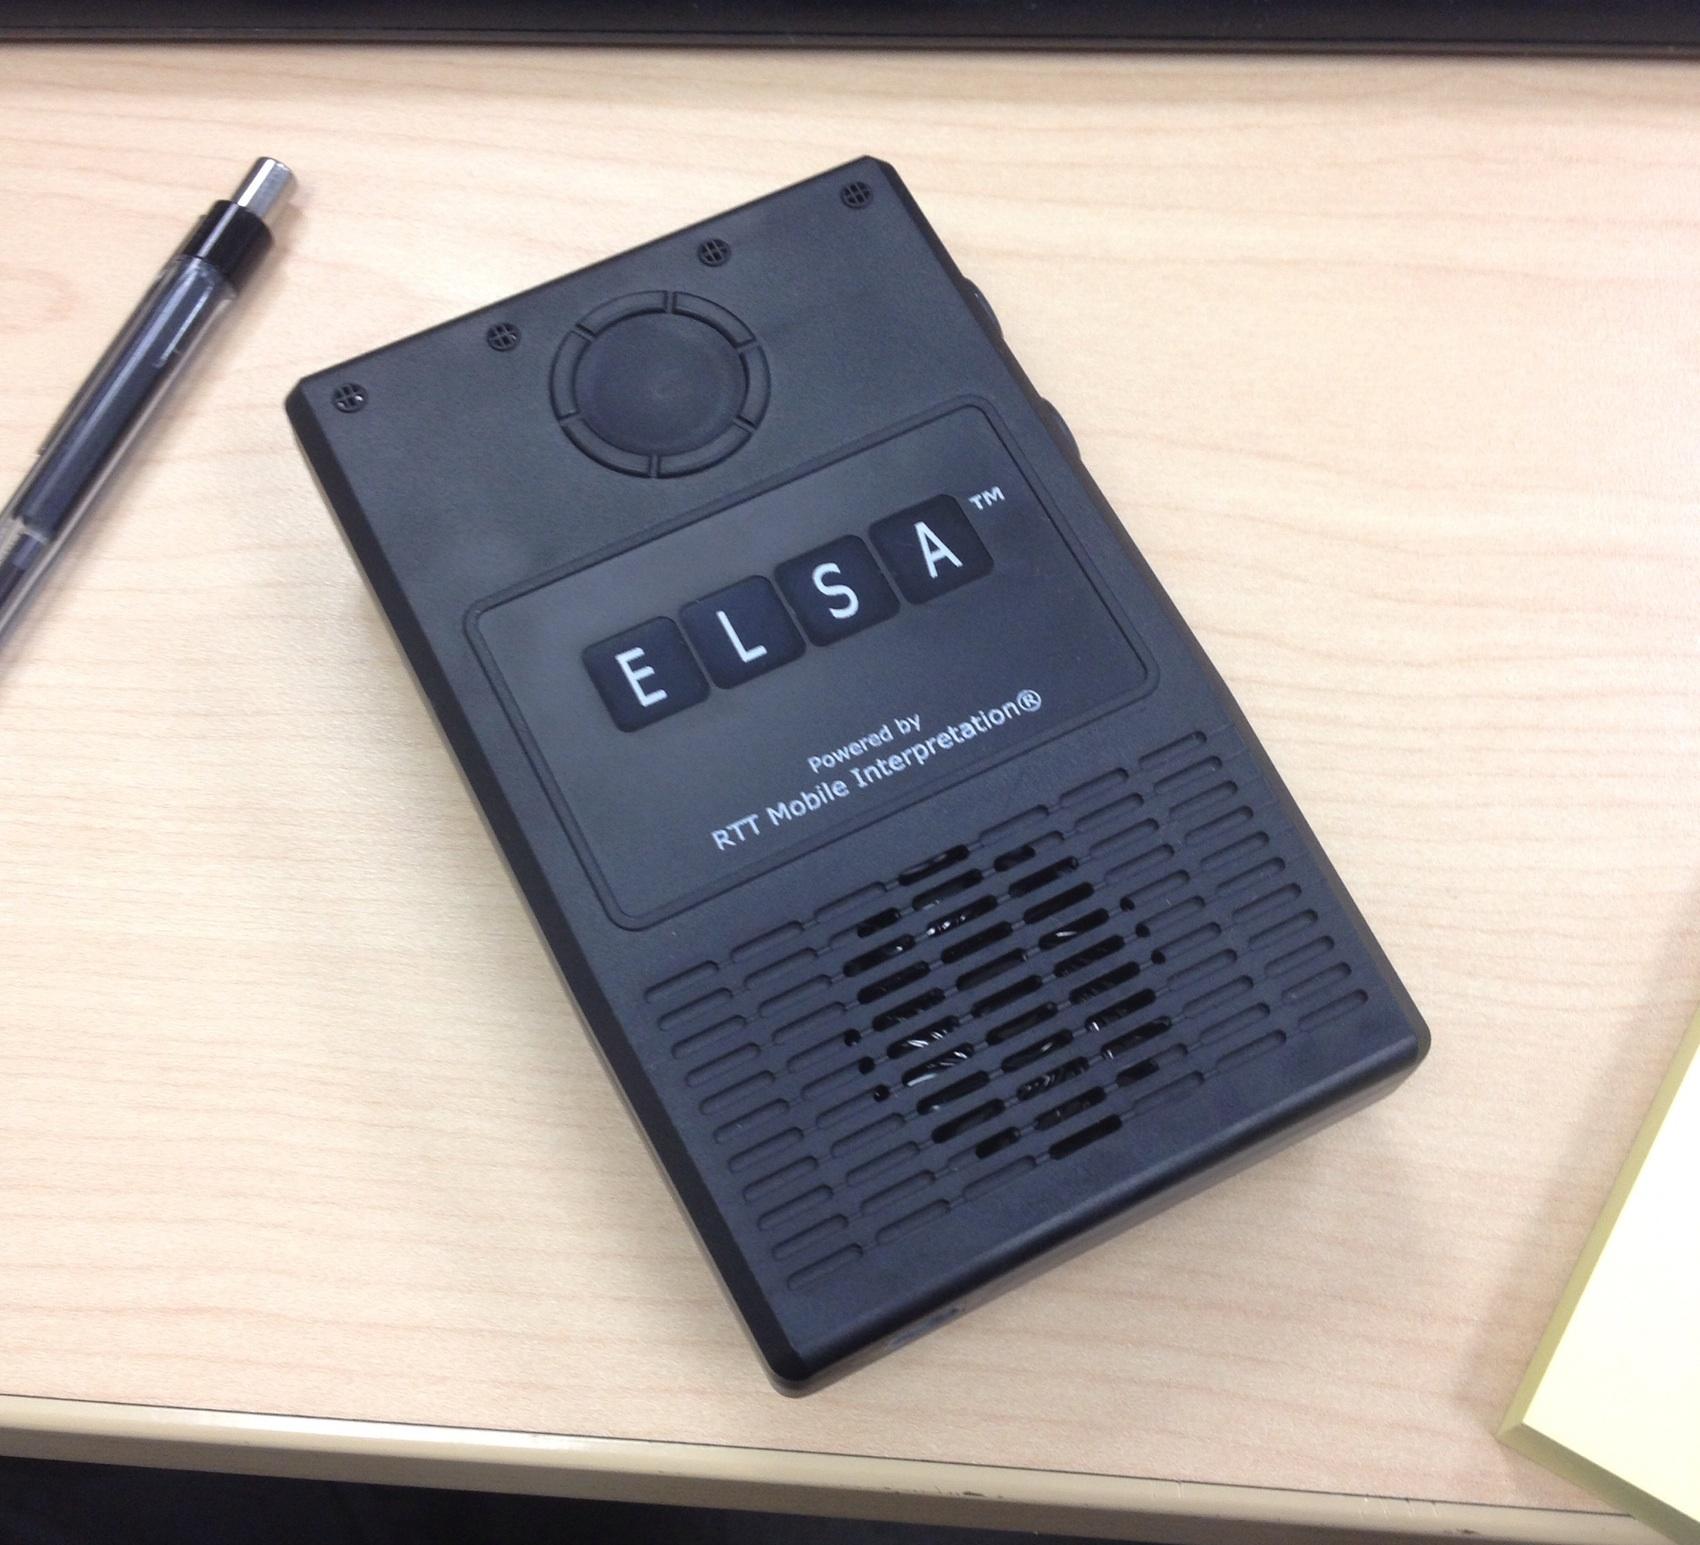 ELSA RTT Device